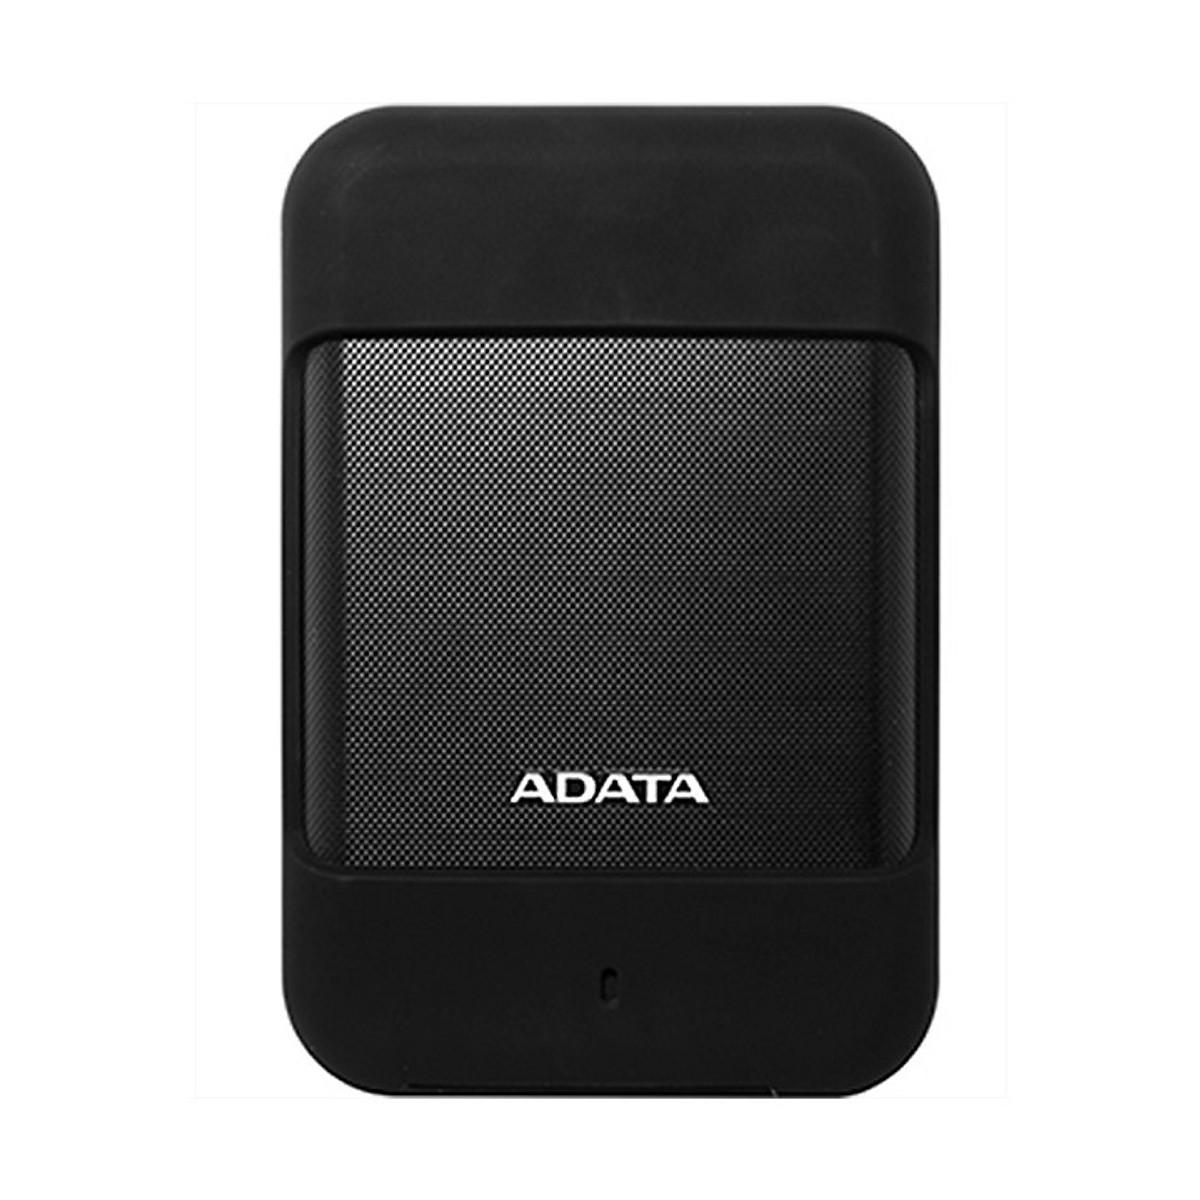 Ổ cứng di động ADATA HD700 2TB / USB 3.1 Gen 1 chống sốc, chống bụi, kháng nước (Đen) – Hàng chính hãng